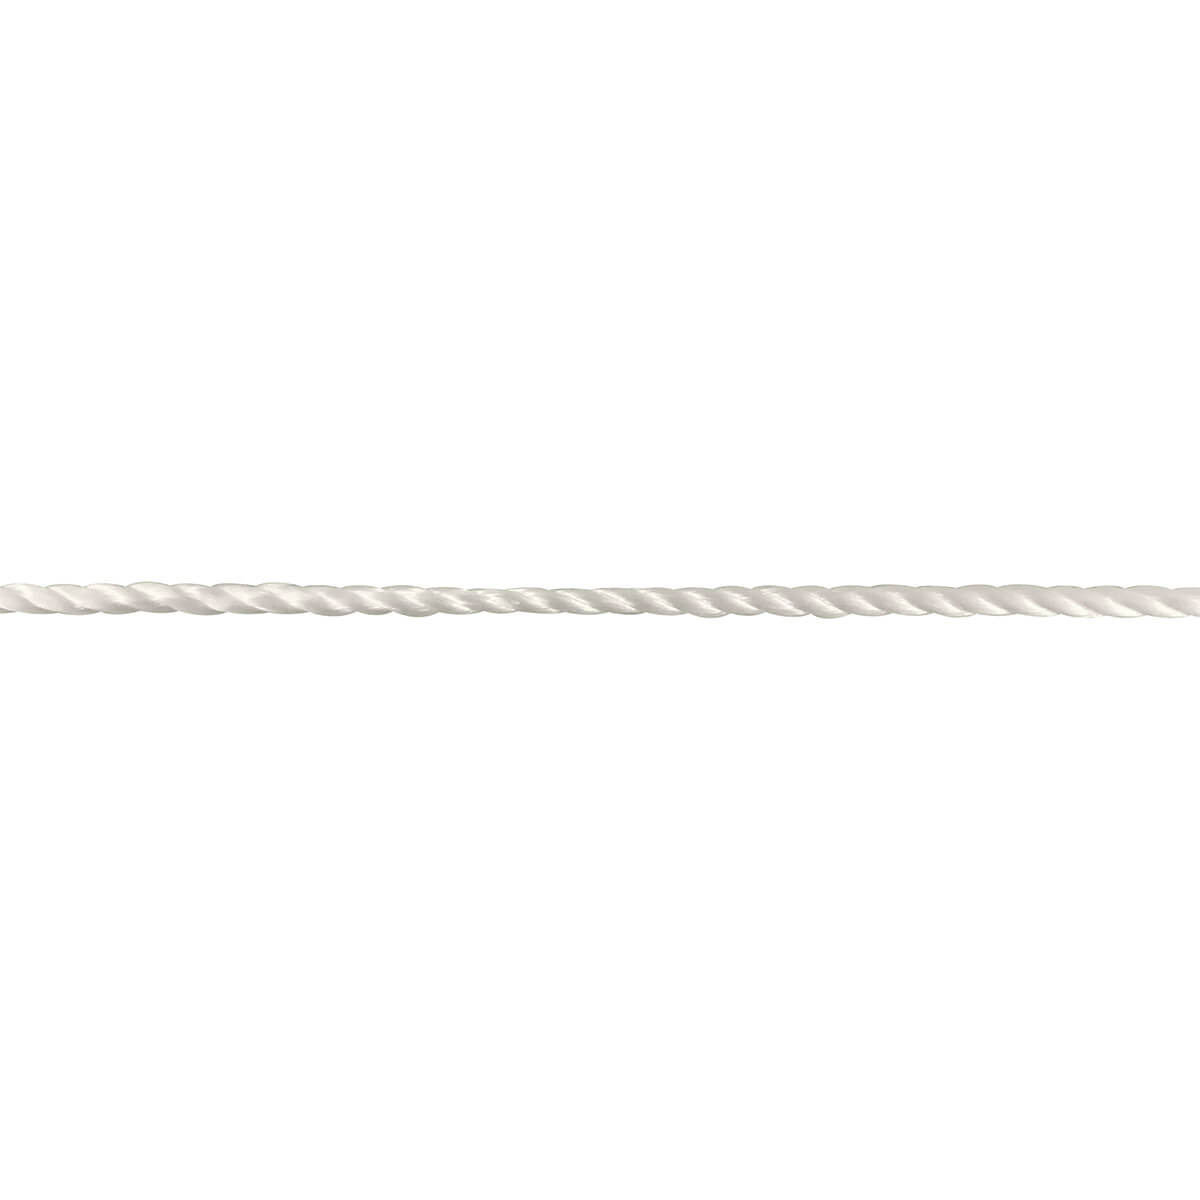 Nylon Twisted Mason Rope - White - #18 x 500-ft